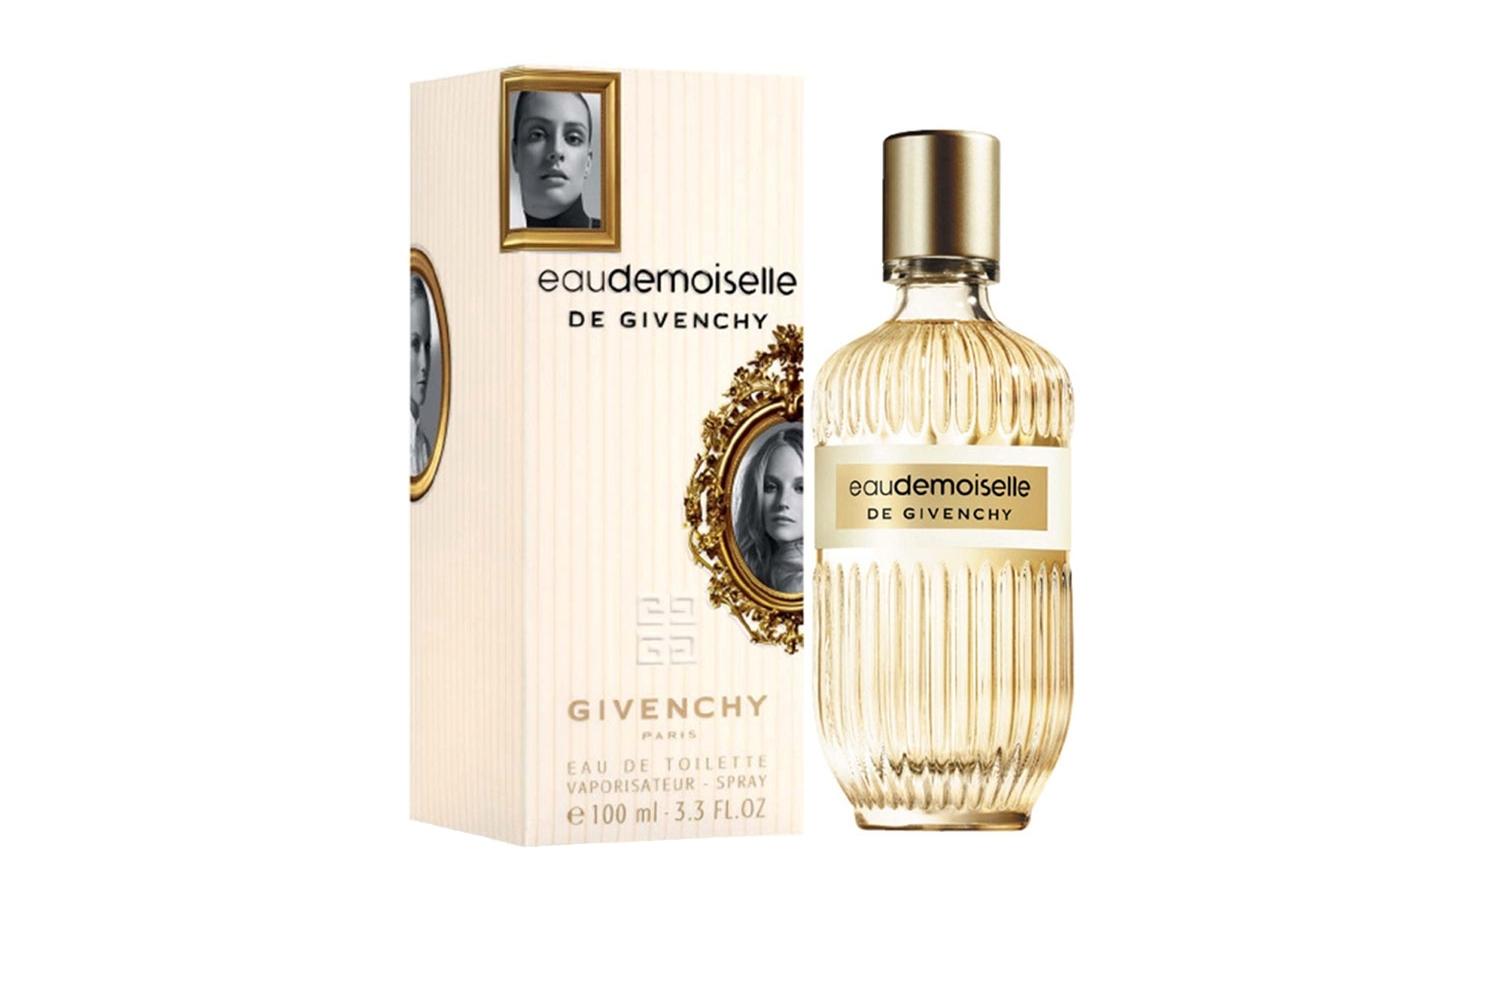 Юная, женственная, элегантная и утончённая, она следует традициям, но при этом ярко выражает свою индивидуальность, именно такой девушке Givenchy адресует свой новый аромат EauDemoiselle. Создатель EauDemoiselle de Givenchy Франсуа Демаши описывает его как волшебную розу, купающуюся в утренней росе . Свежая цветочная туалетная вода, сочетающая традиции и современность. Ноты аромата: итальянский лимон, мандарин, турецкая роза, иланг - иланг, цветы апельсина, мускатный орех, кедр, бобы тонка, мускус.